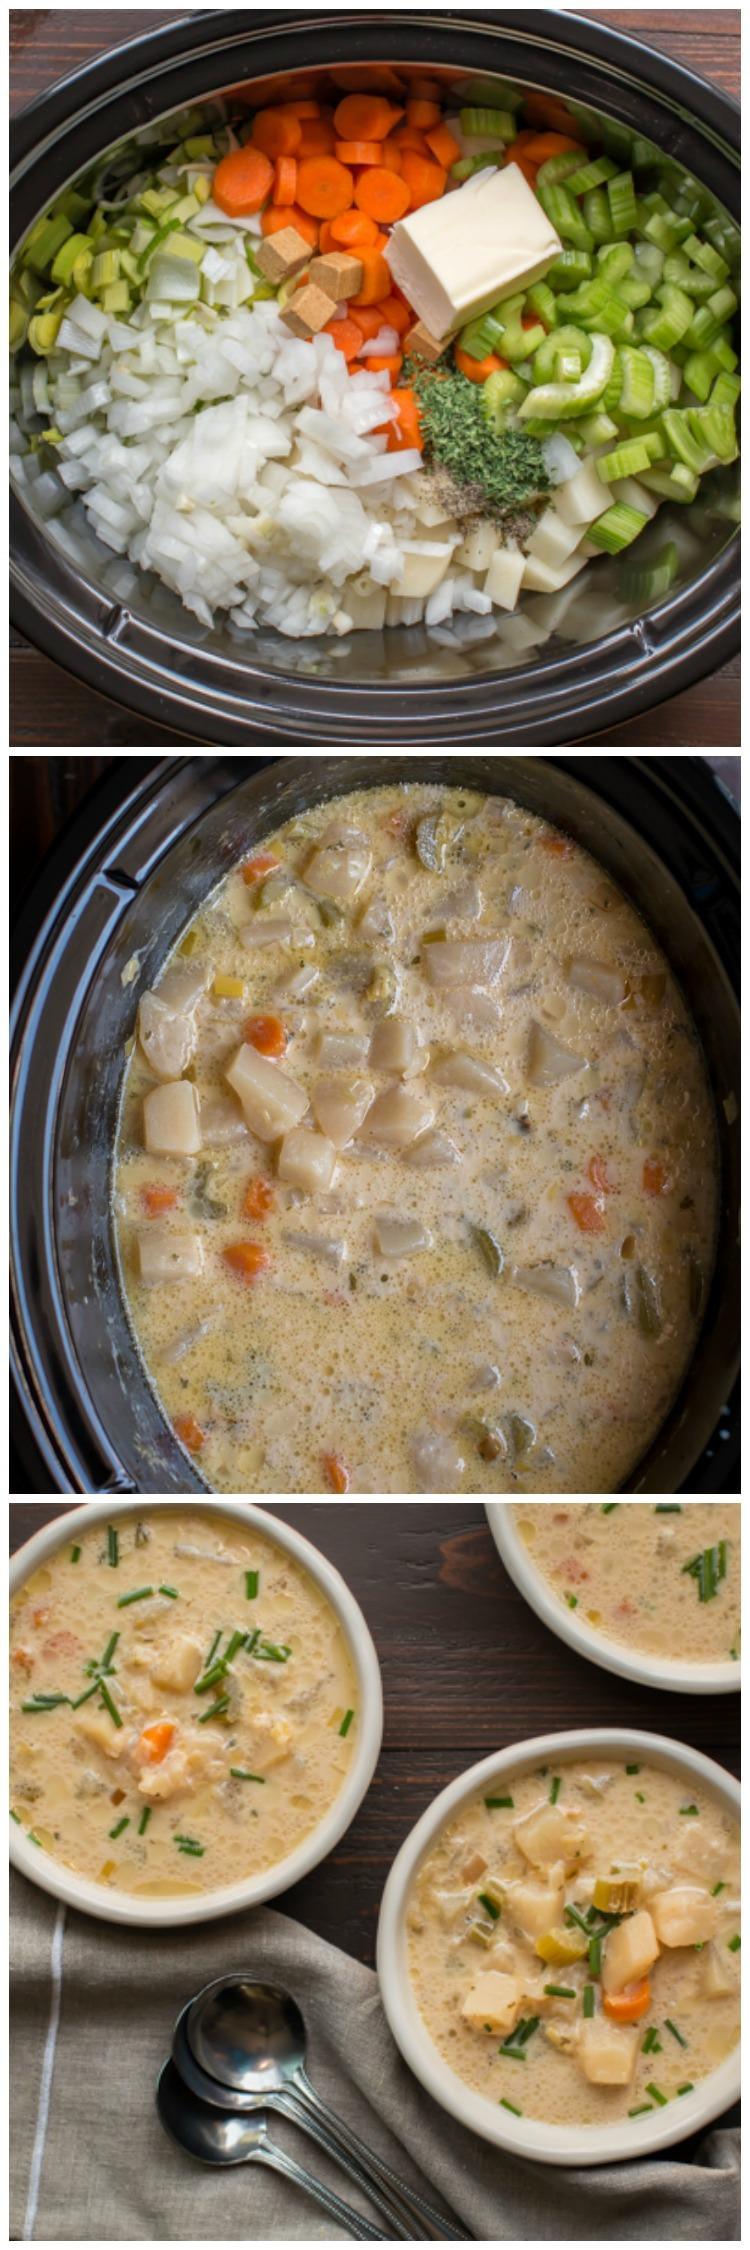 Homemade Potato Soup Recipe  Slow Cooker Homemade Potato Soup The Magical Slow Cooker